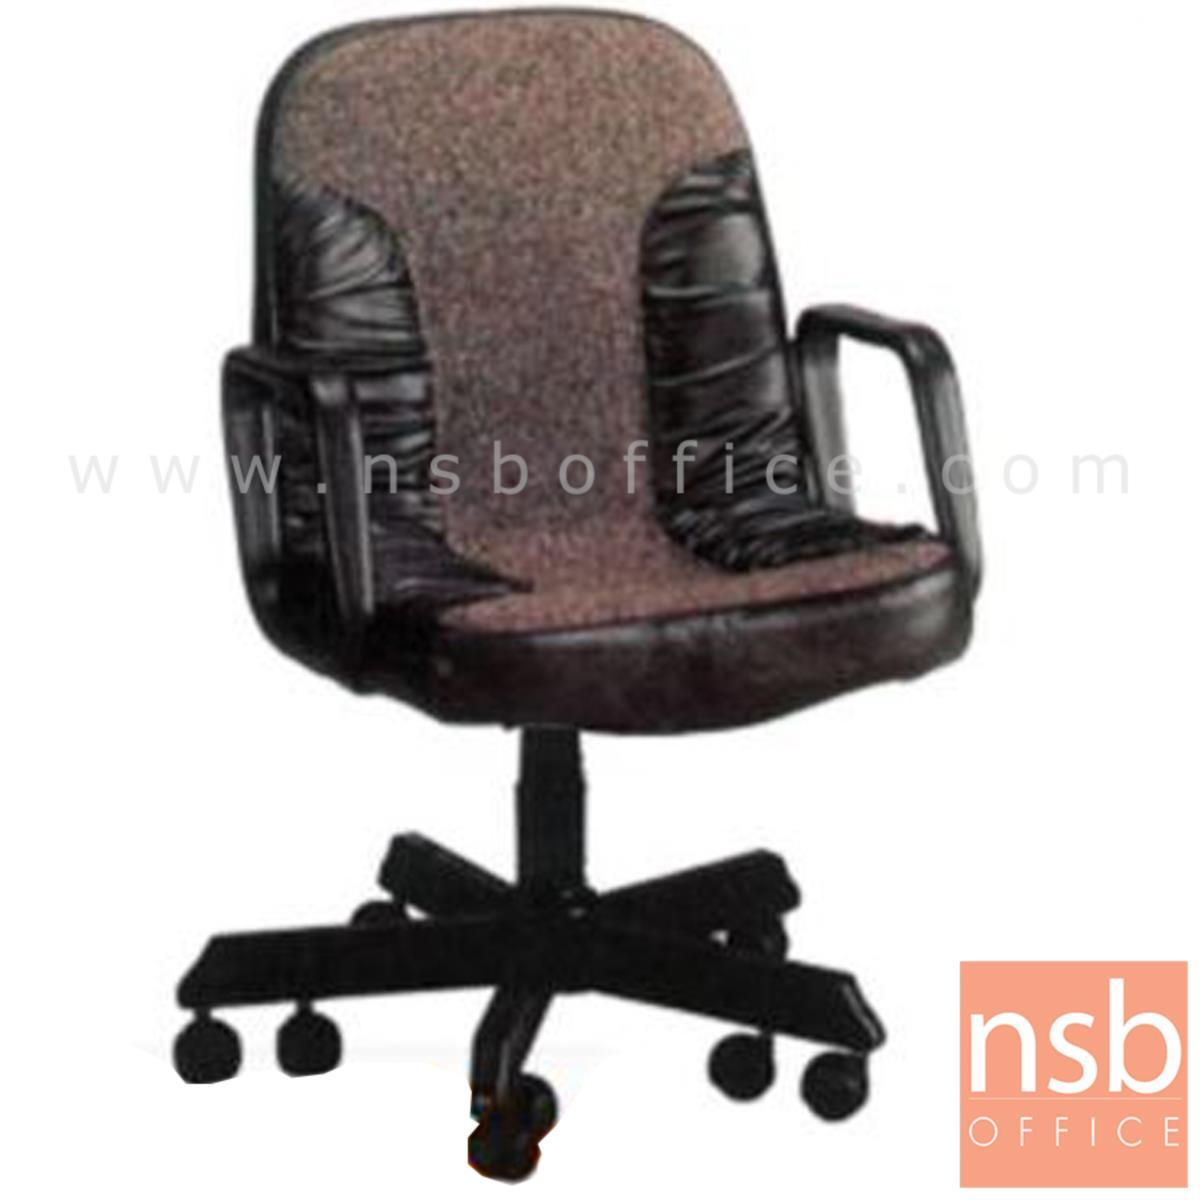 B14A011:เก้าอี้สำนักงาน รุ่น Lawlor (ลอย์เลอร์)  ขาเหล็ก 10 ล้อ